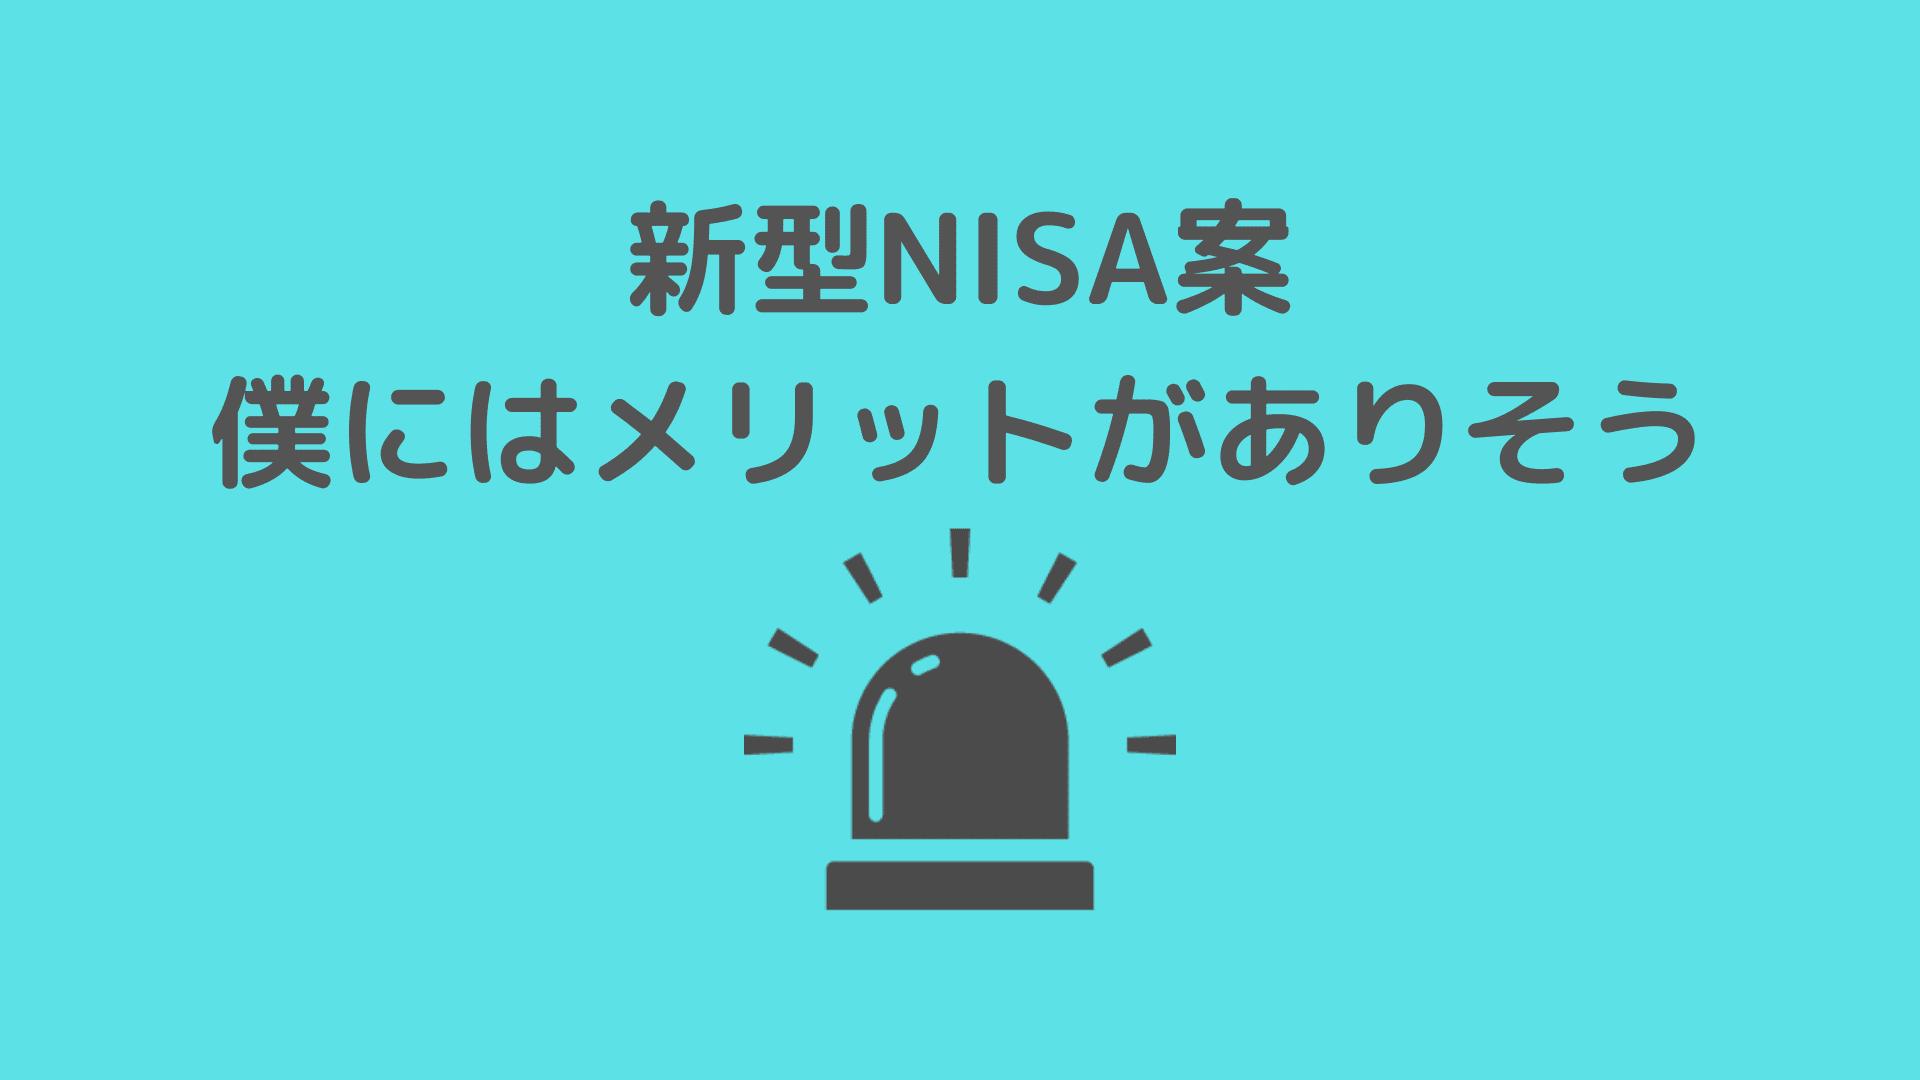 新型NISA案僕にはメリットがありそう